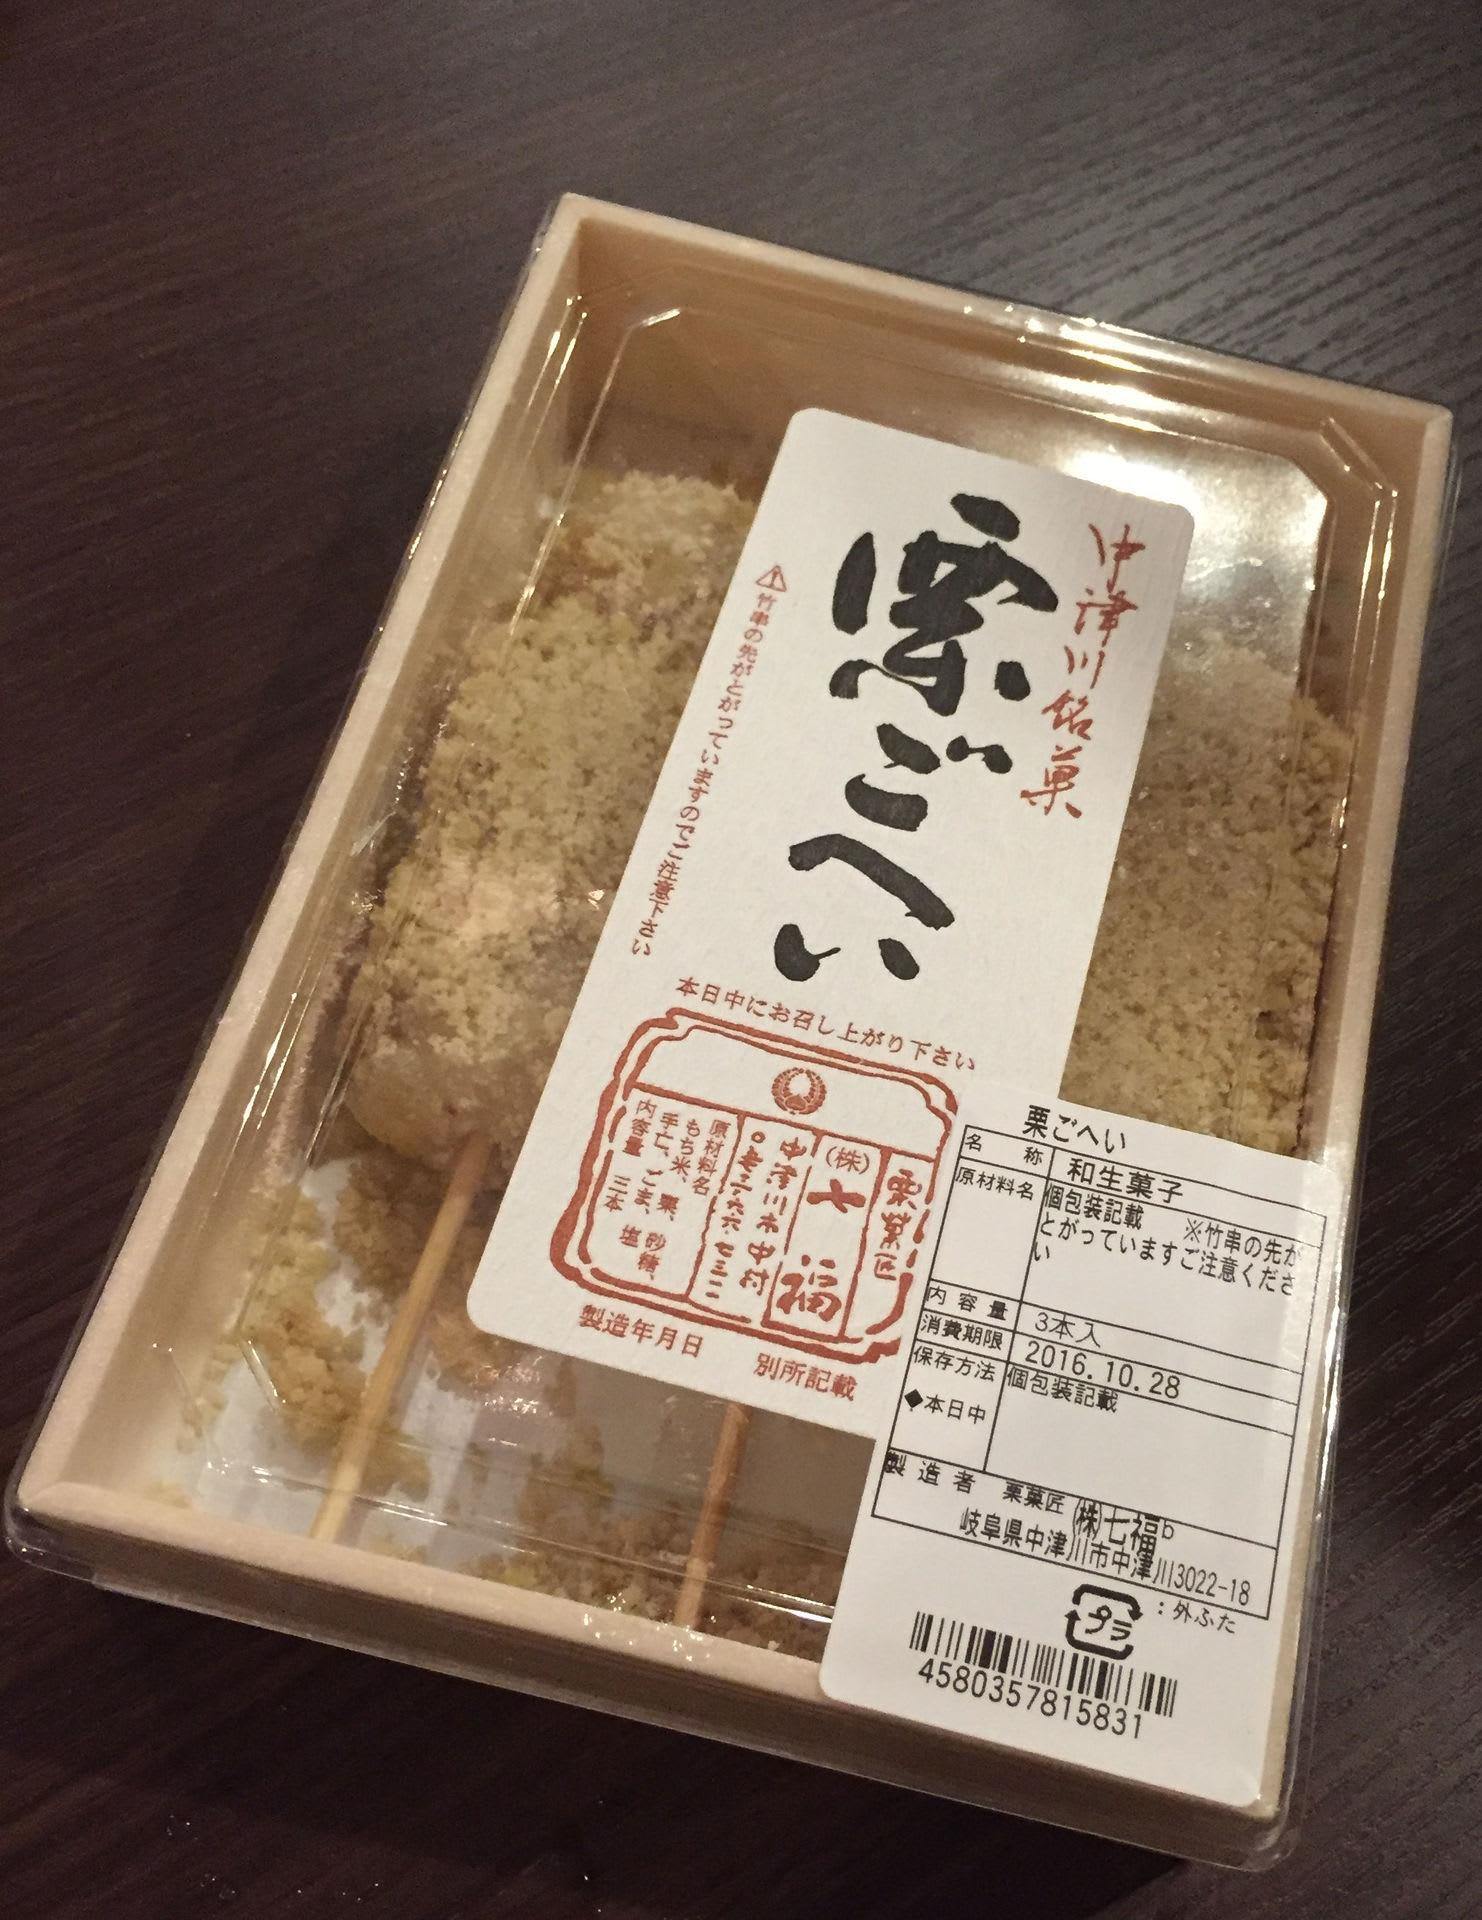 栗粉餅番外編⑸ 中津川市「七福」の栗ごへい - メタボッチャーの風にのって